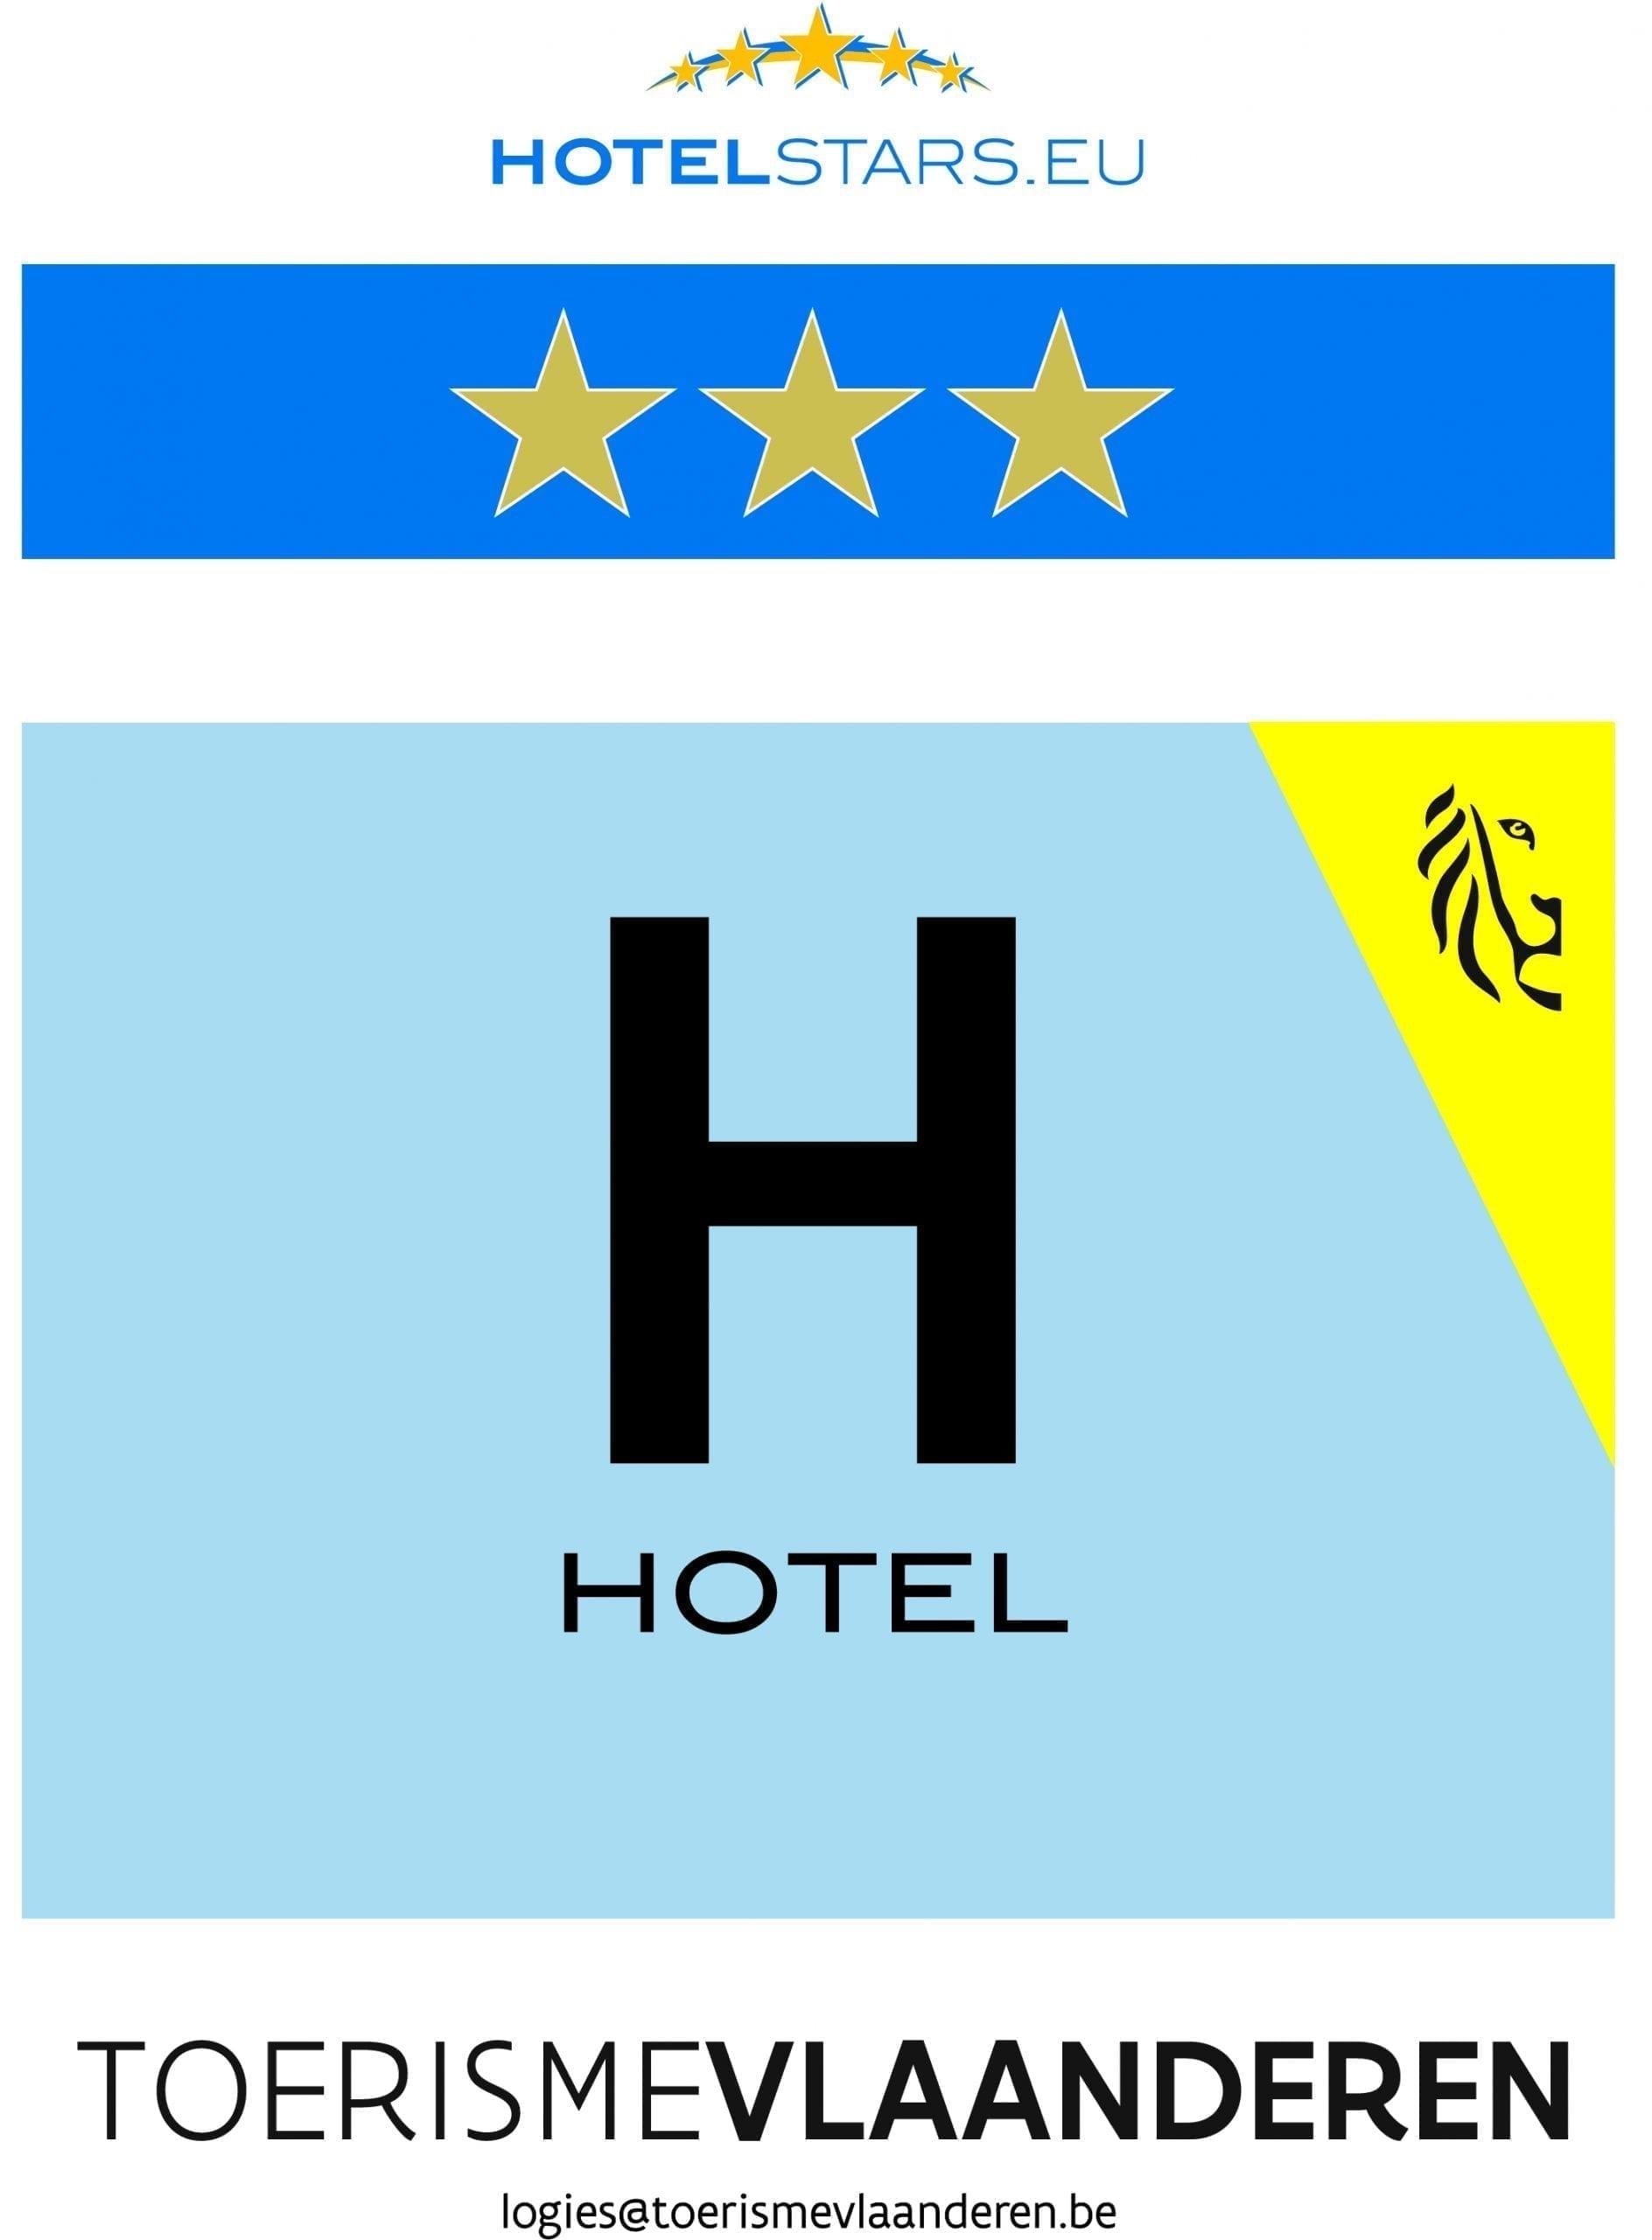 Hotel erkenningsschild_3 sterren